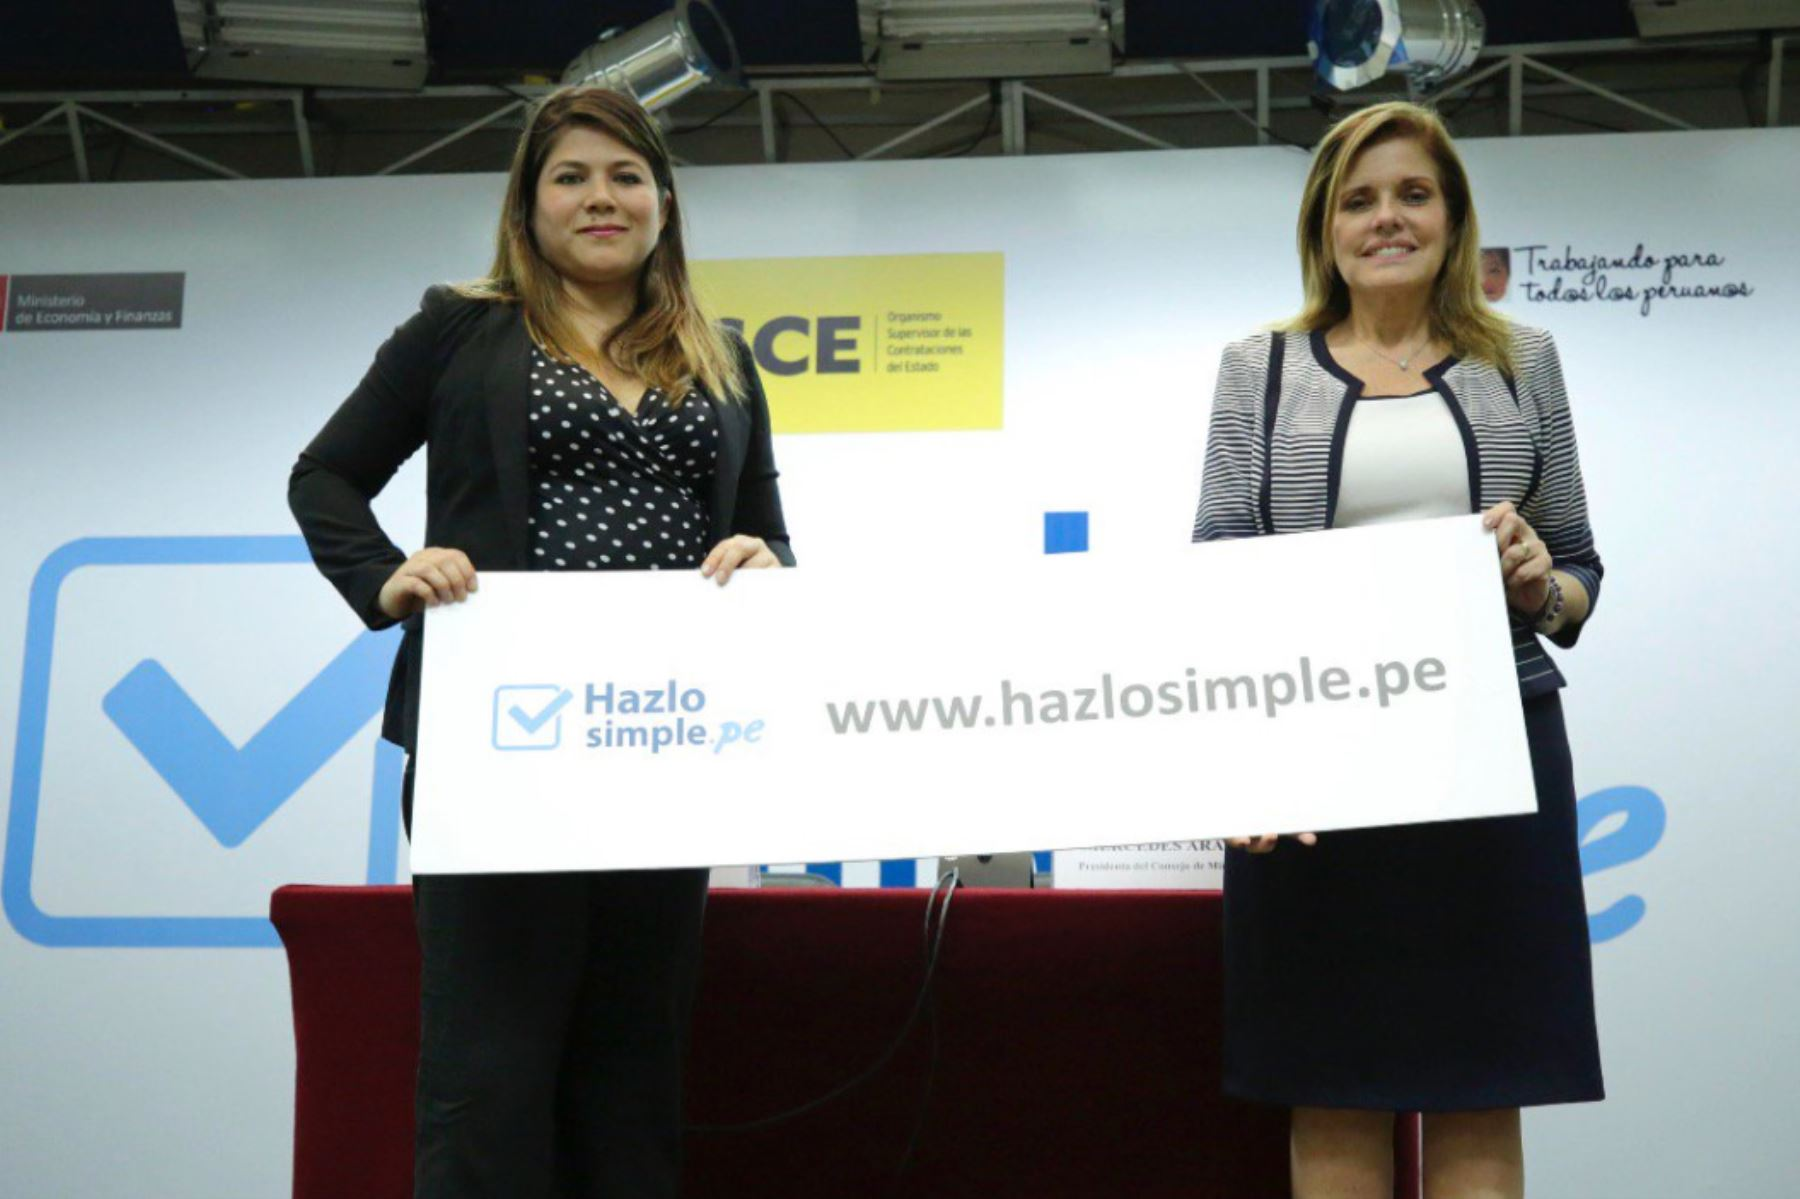 Mercedes Araoz Fernández y la presidenta del OSCE, Blythe Muro, presentan la página web Hazlosimple.pe.